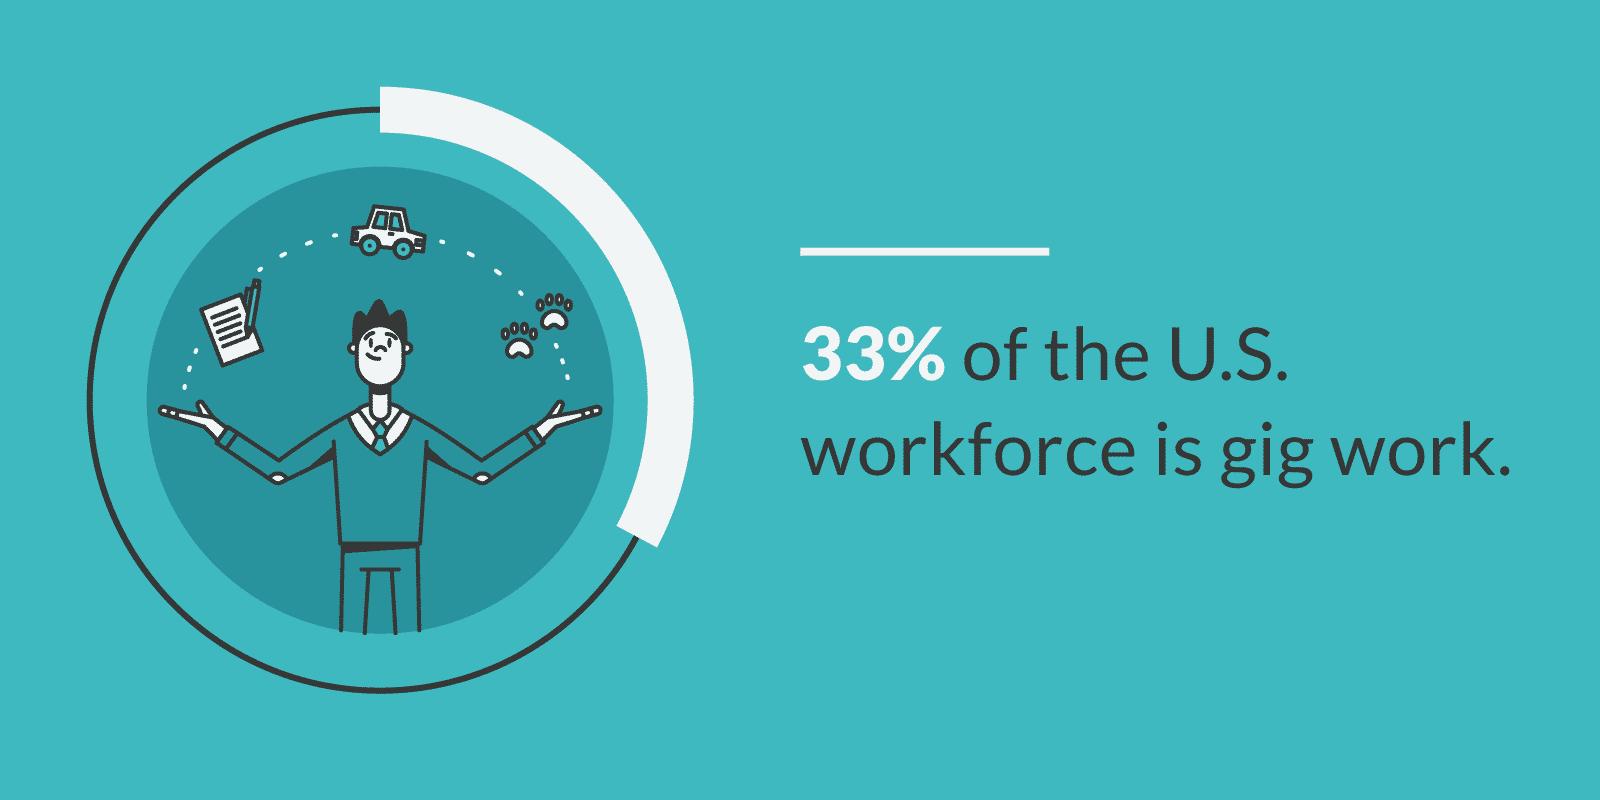 33% of the U.S. workforce is gig work.